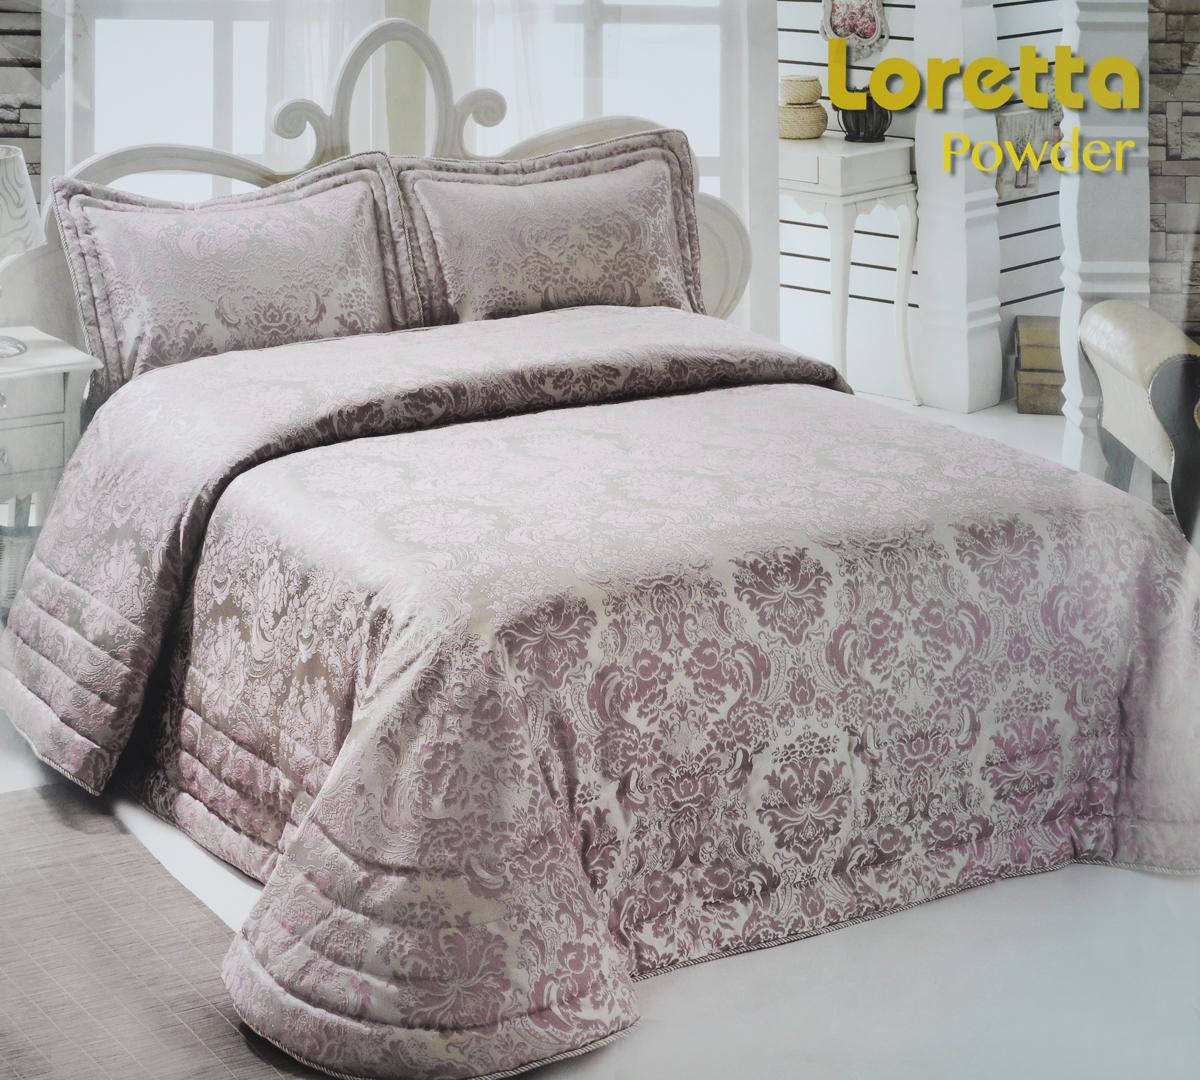 Комплект для спальни Modalin Nazsu. Loretta: покрывало 250 х 270 см, 2 наволочки 50 х 70 см, цвет: пыльная роза2005/CHAR003Изысканный комплект для спальни Modalin Nazsu. Loretta состоит из покрывала и двух наволочек. Изделия выполнены из высококачественного полиэстера и хлопка, легкие, прочные и износостойкие. Ткань блестящая, что придает ей больше роскоши Комплект Modalin Nazsu. Loretta - это отличный способ придать спальне уют и комфорт. Размер покрывала: 250 х 270 см. Размер наволочек: 50 х 70 см.